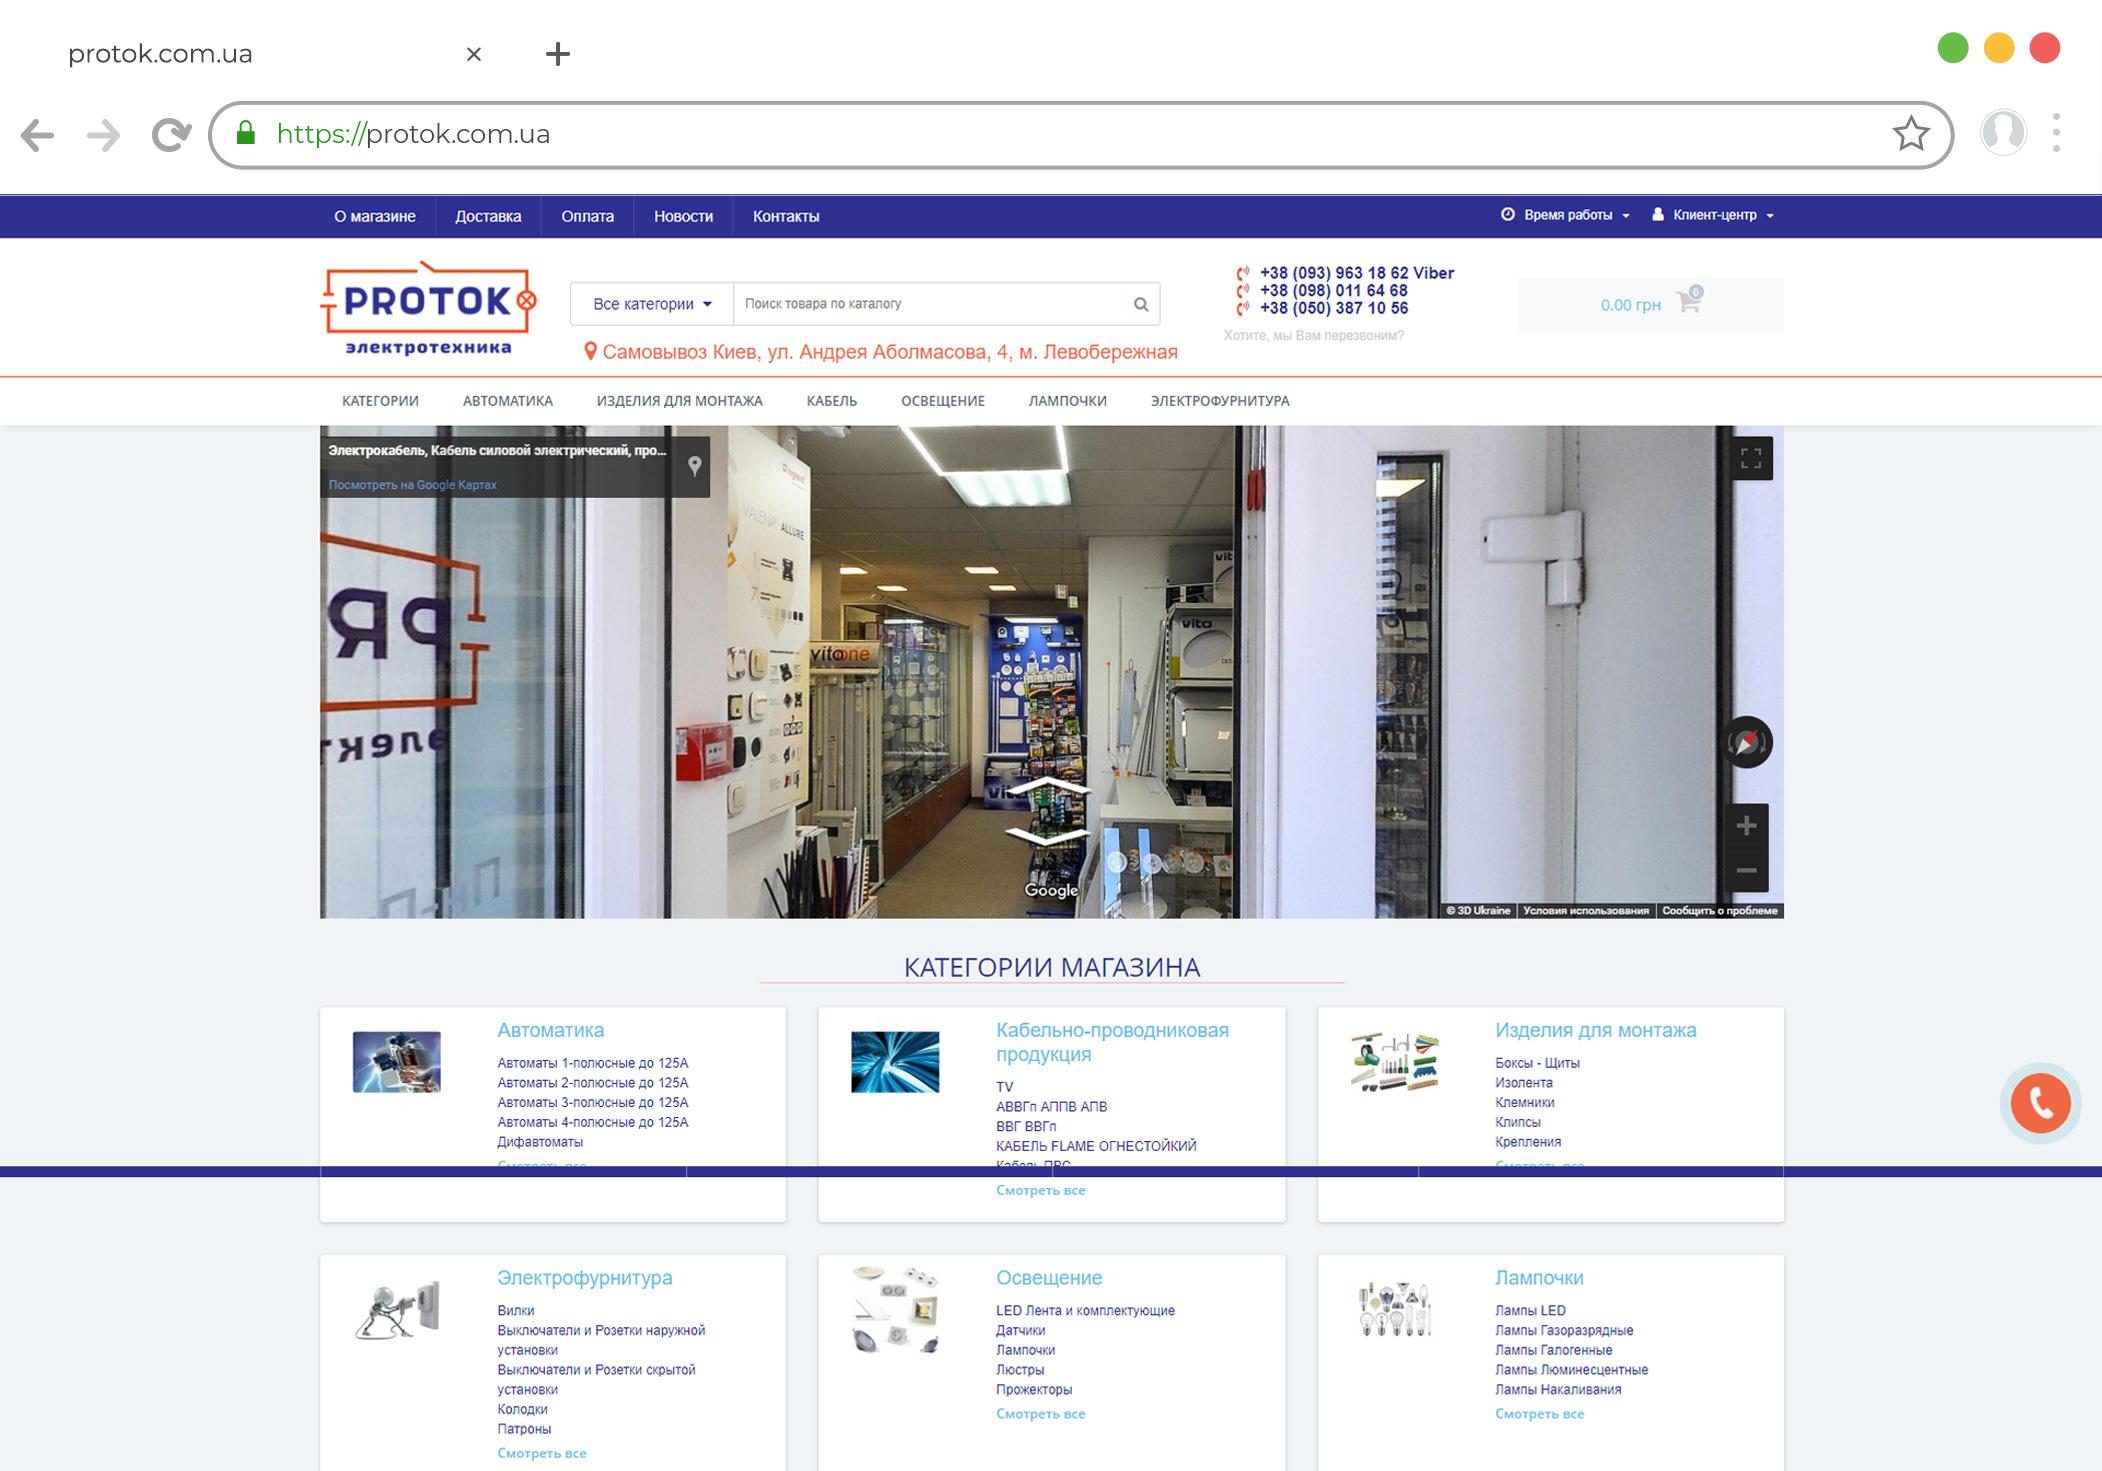 Разработка интернет магазина на opencart 2.3.0.2 для магазина кабельного и электрооборудования